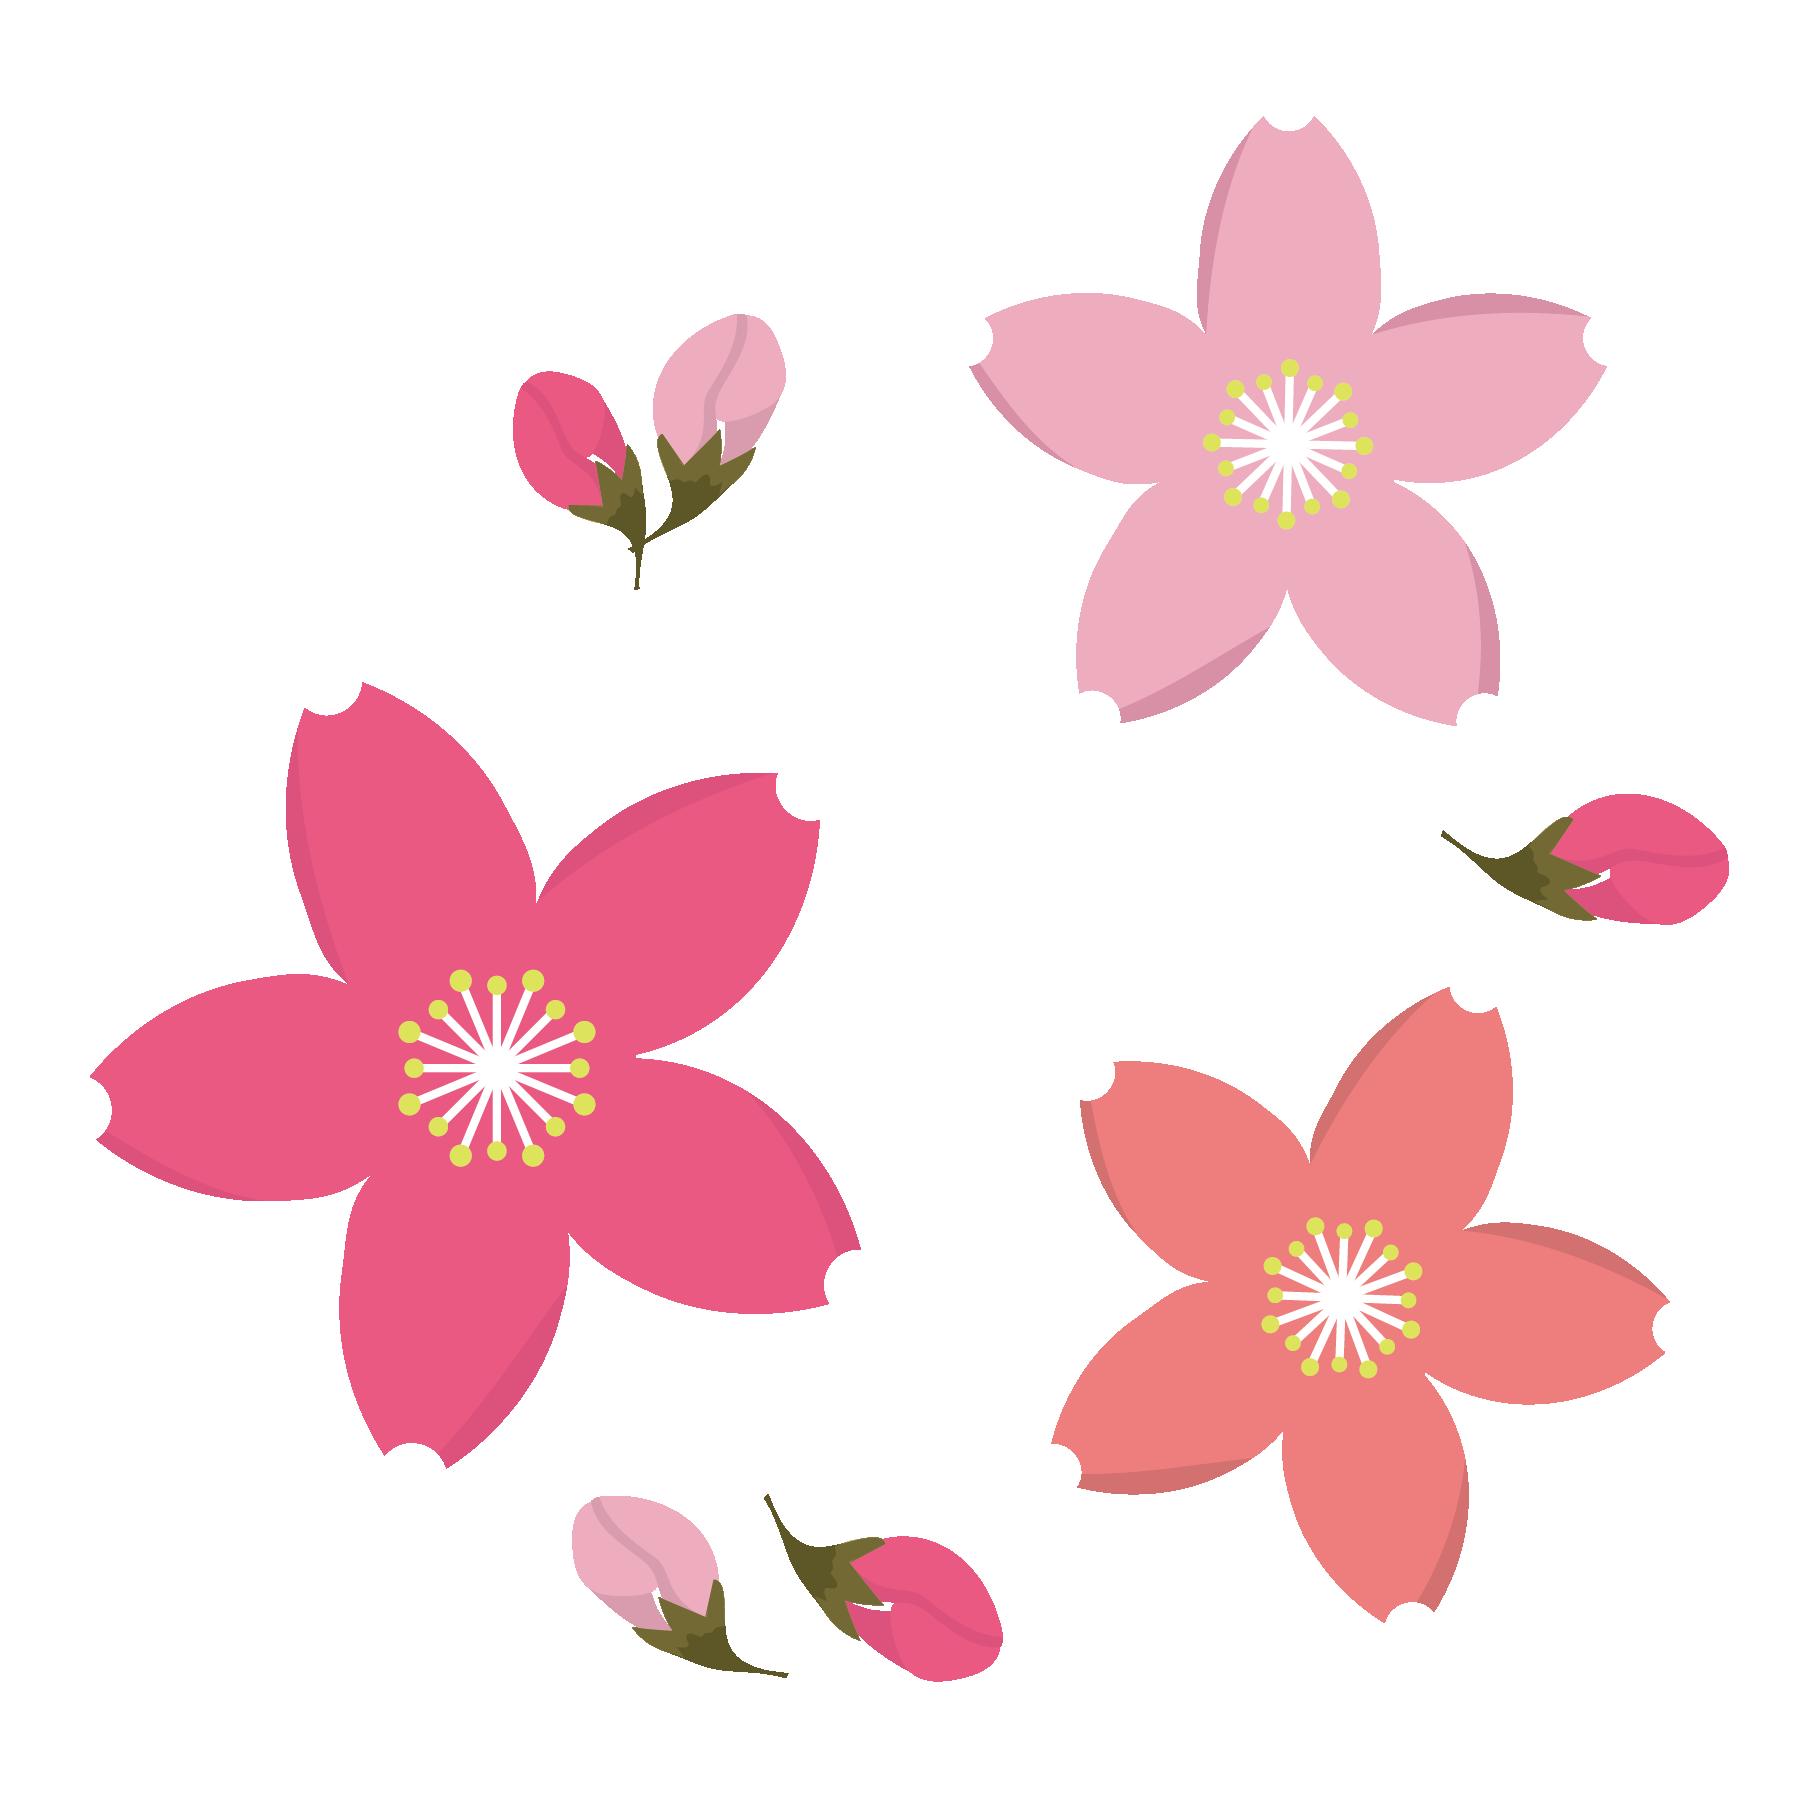 カワイイ!桜(サクラ)の花と蕾(つぼみ)のイラスト! | 商用フリー